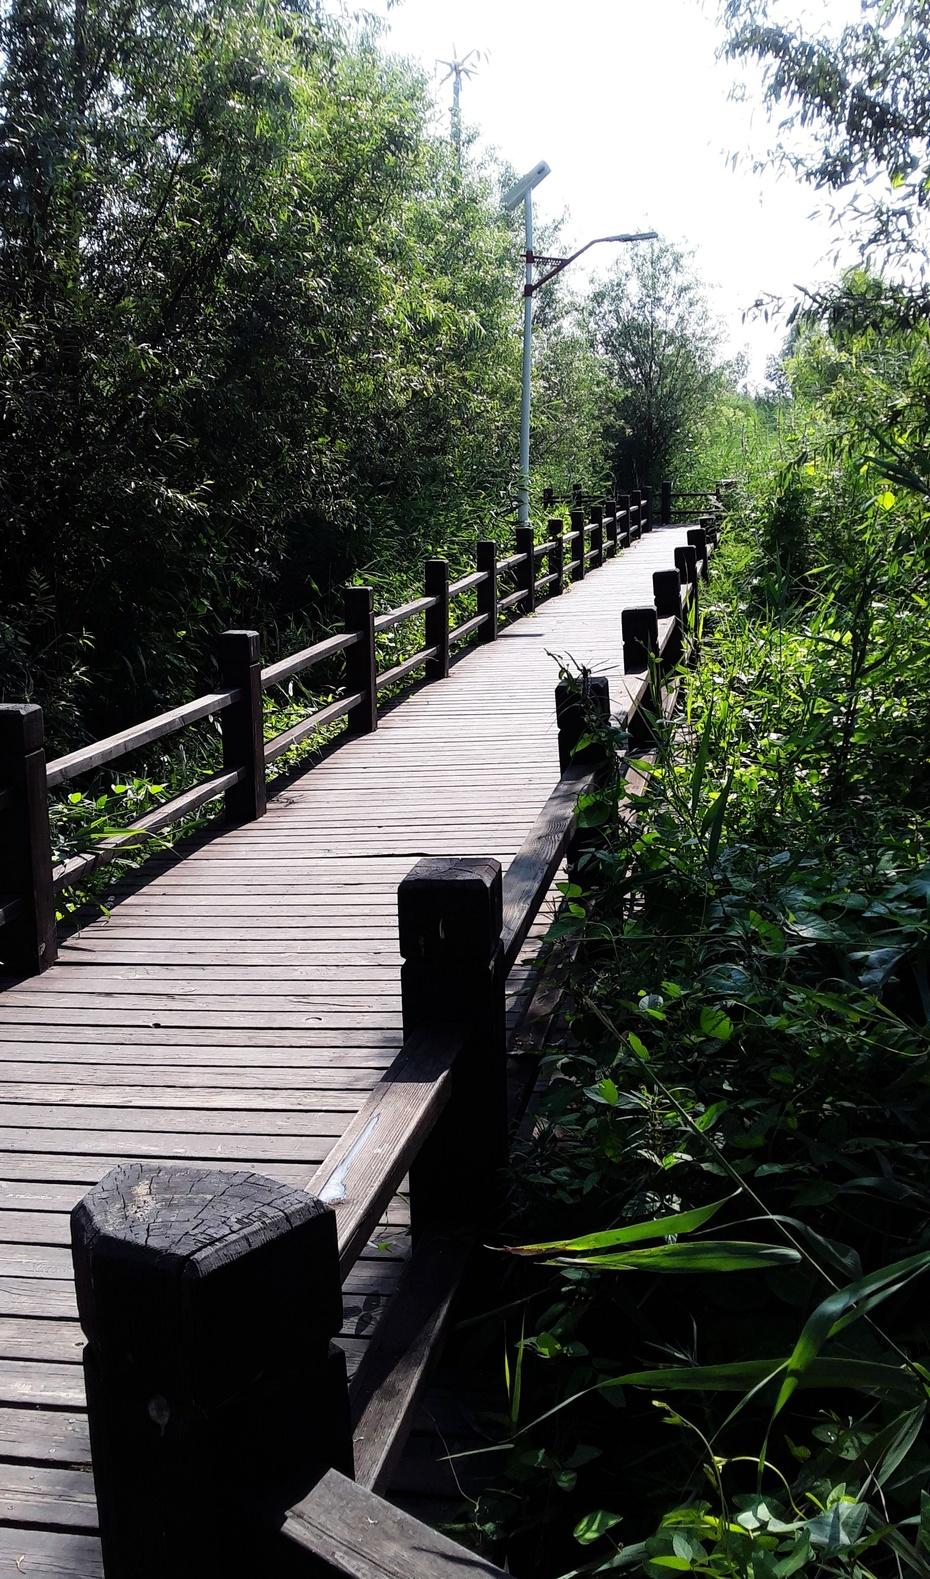 赏游:喀左湿地公园 - 淡淡云 - 淡淡云